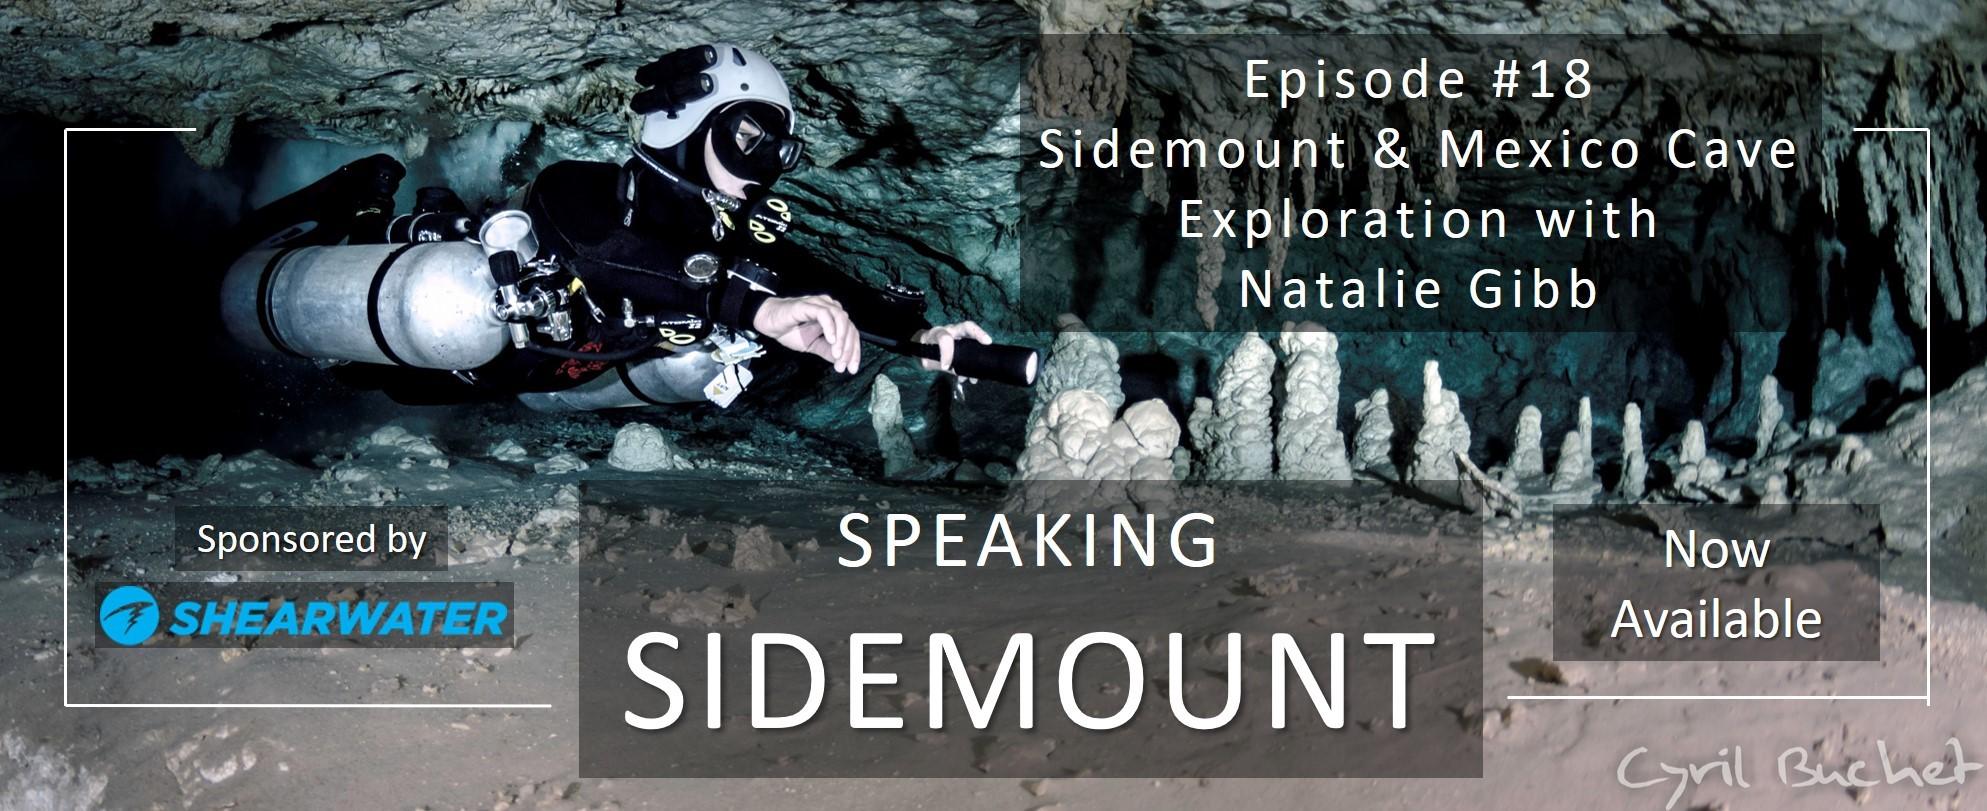 Speaking Sidemount Cover 1920x480 (Ep18).jpg